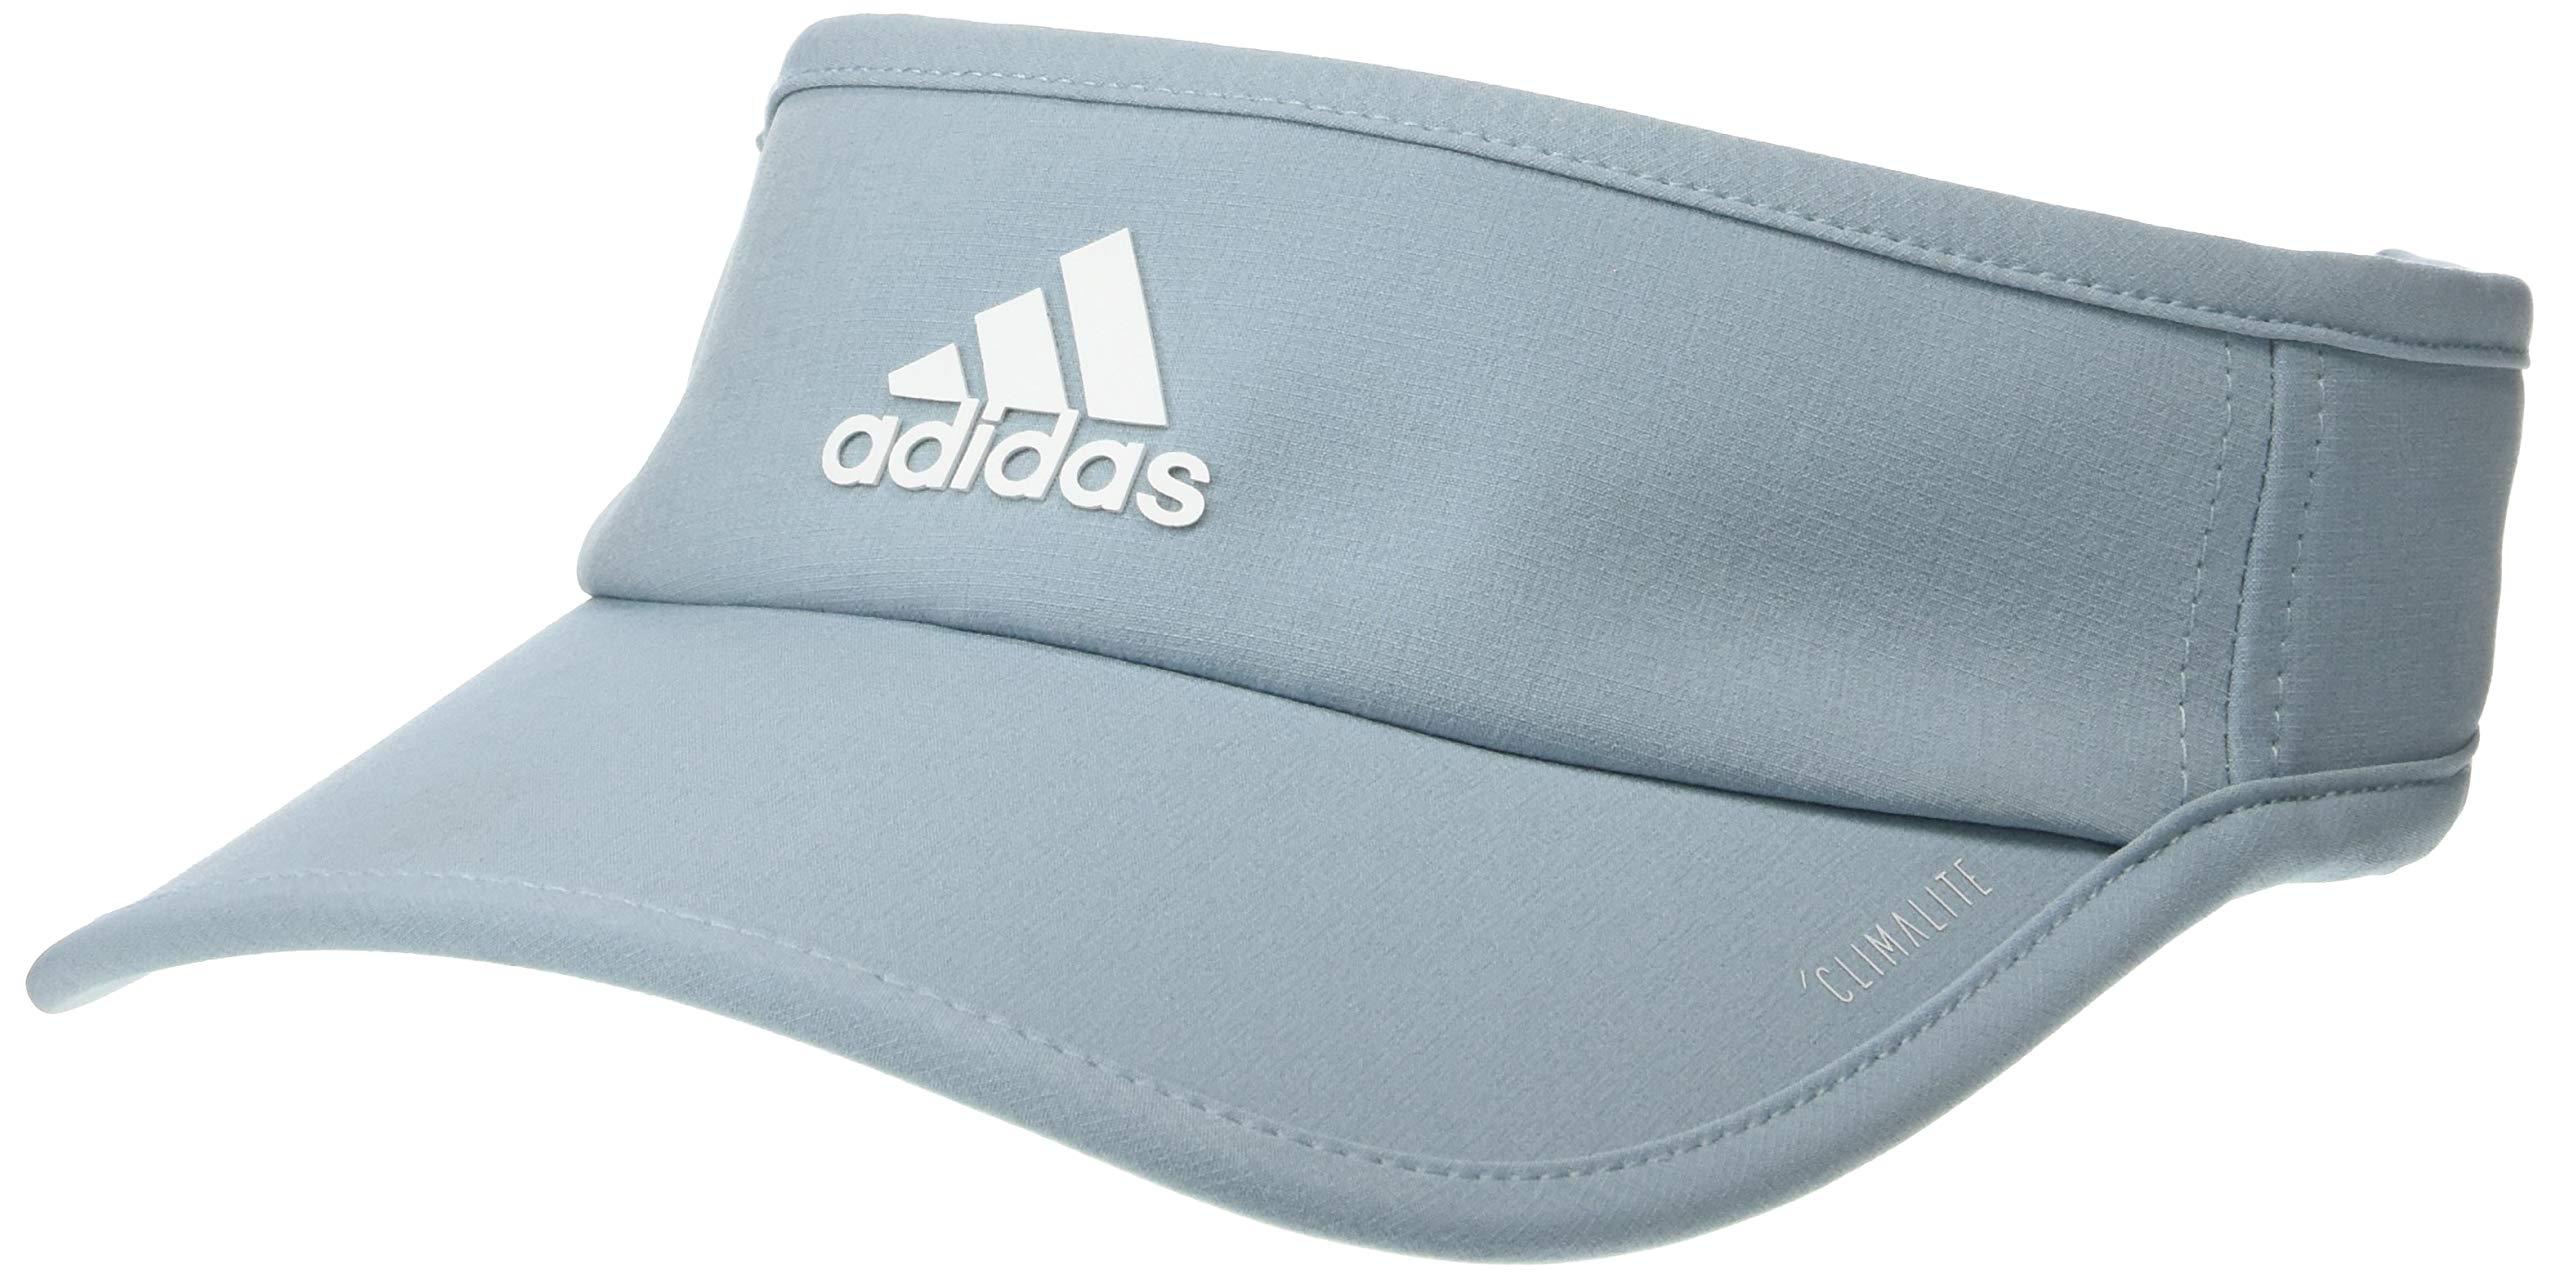 1d0f58a3c4701 adidas Women s Superlite Visor - 5144514-One Size-P   Hats   Caps ...